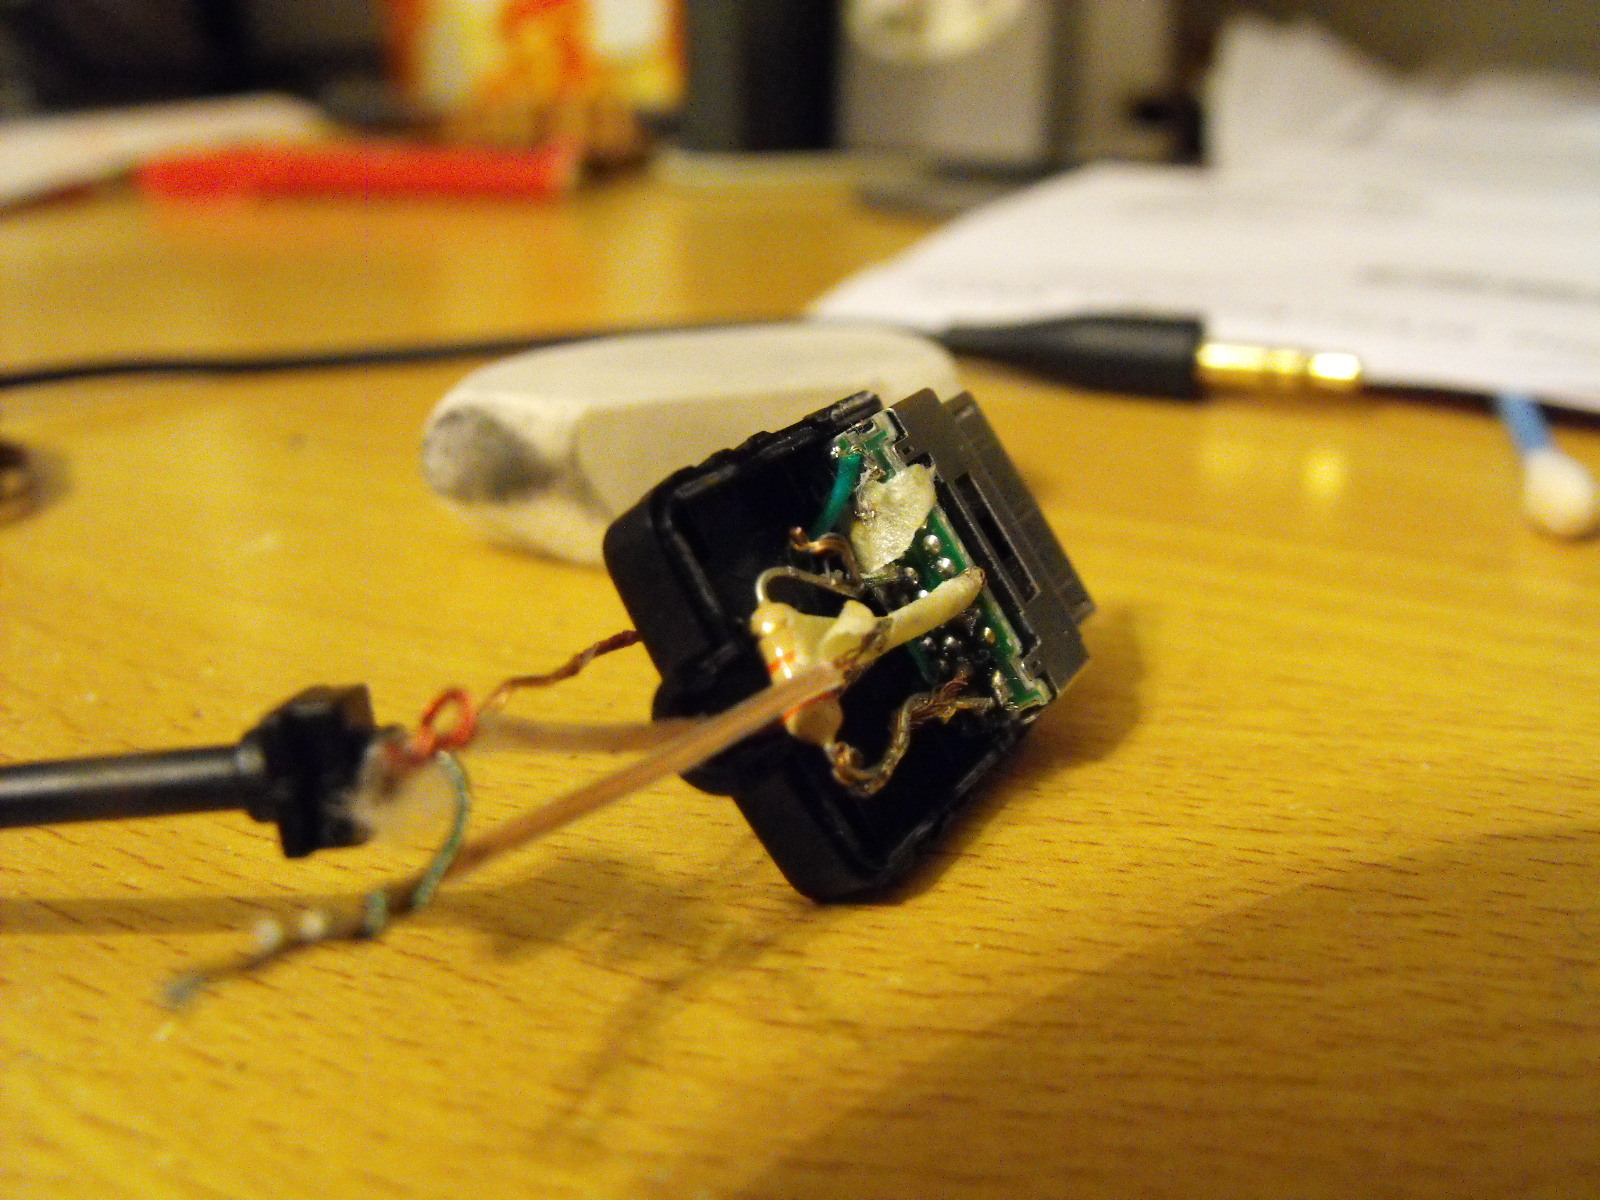 hight resolution of wiring diagram 22 pin walkman